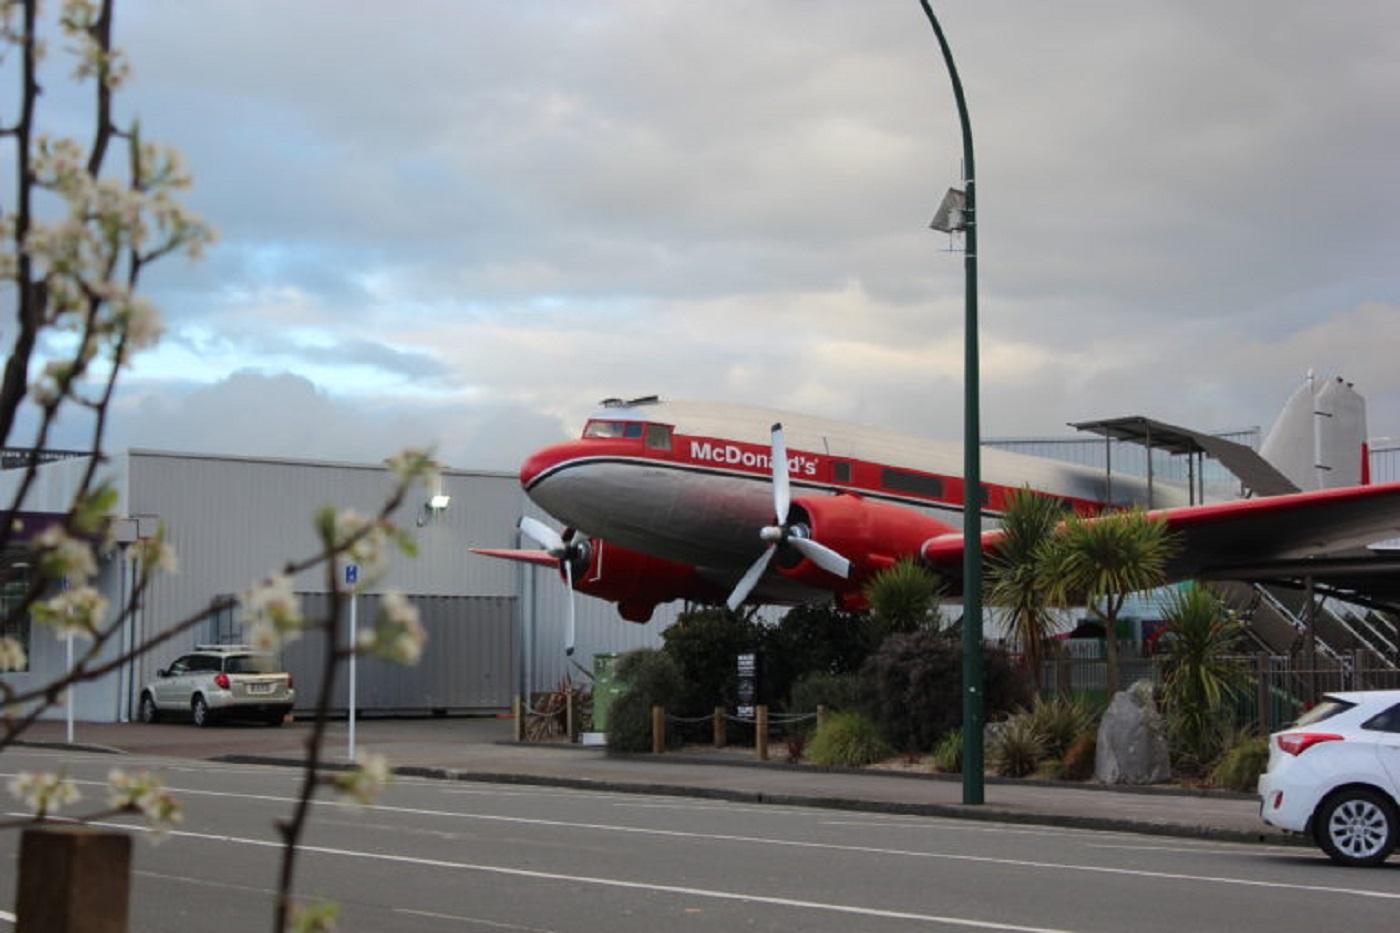 Mc Donald's no avião, em Taupo (Foto: Tati Sisti)